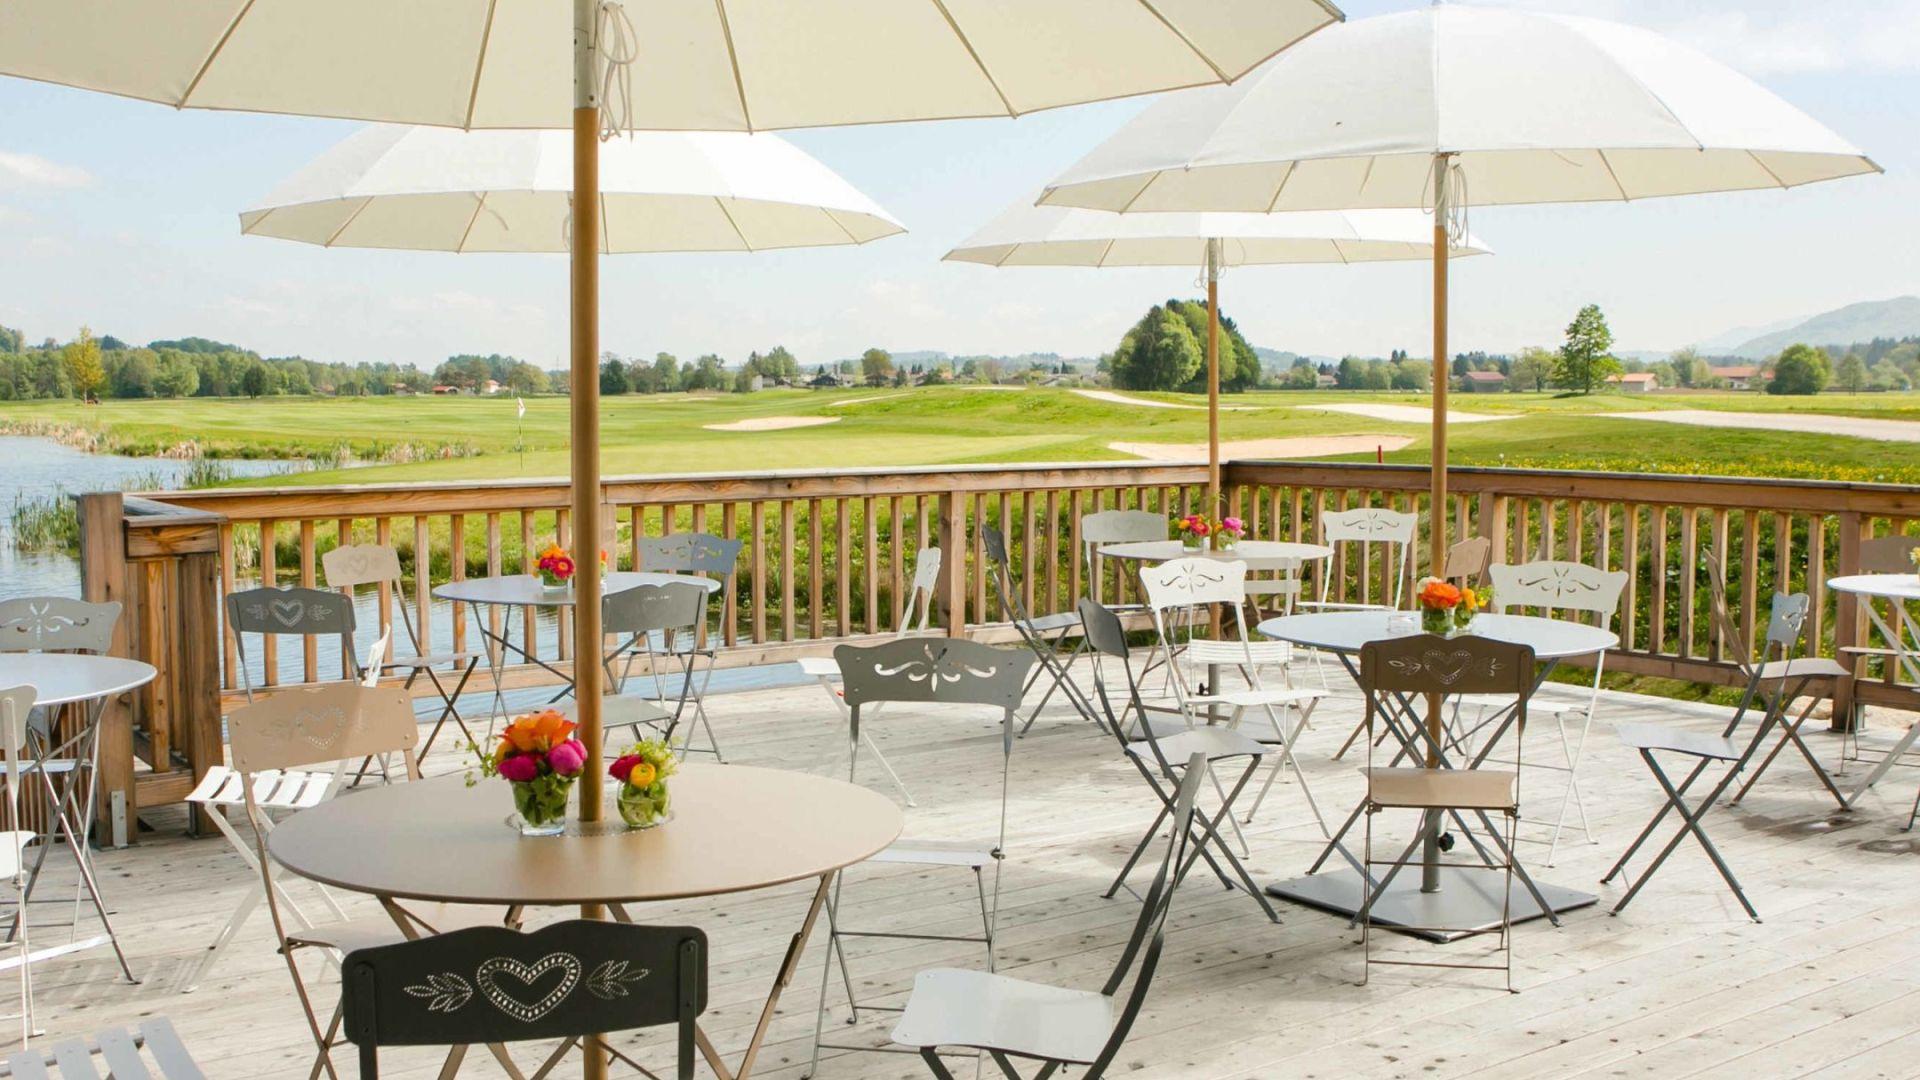 Golfplatz in Grassau/Chiemgau